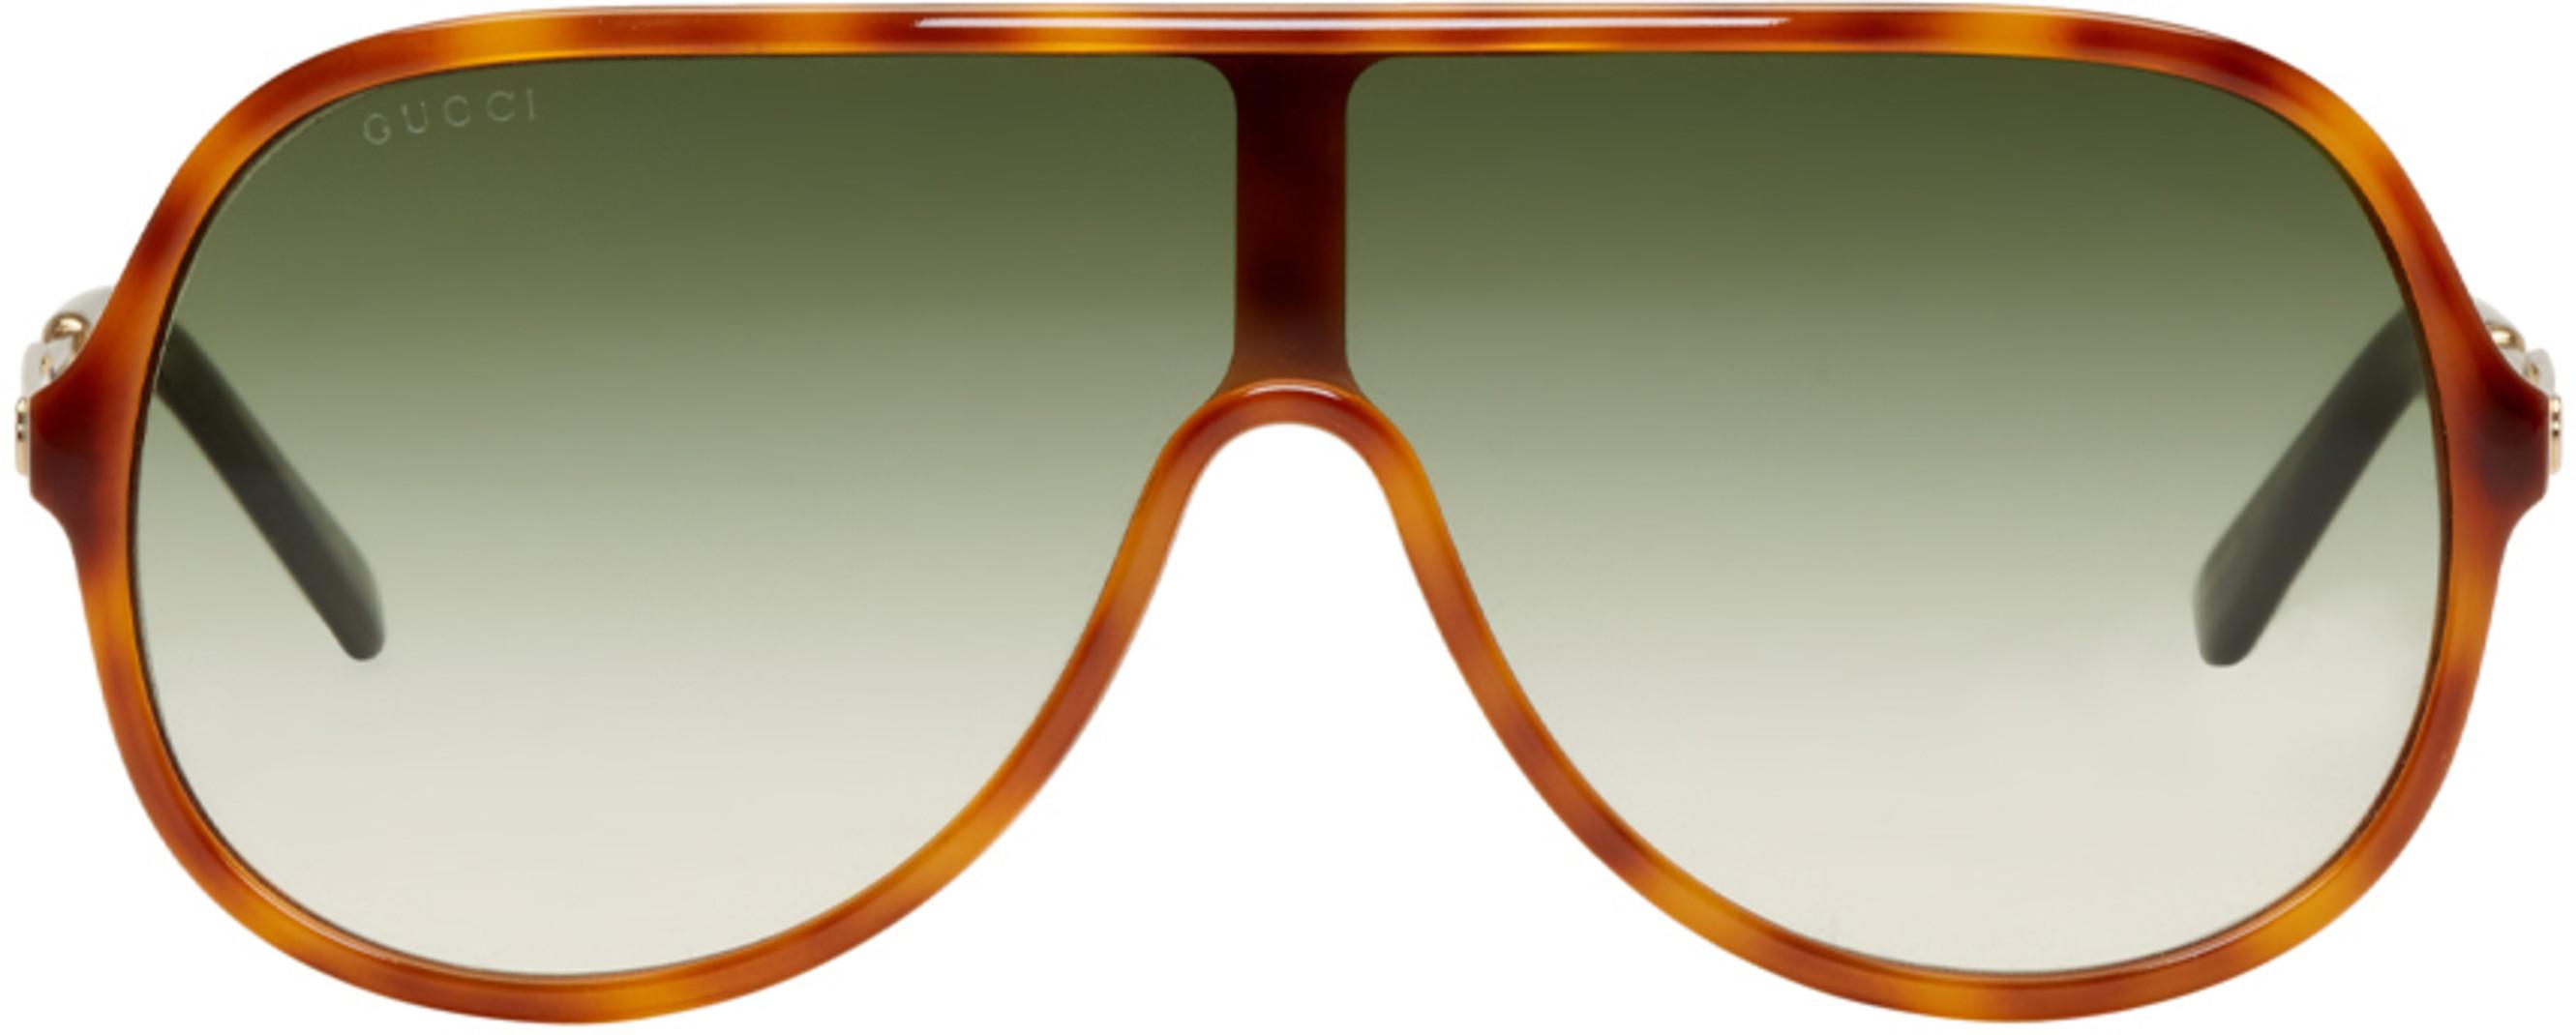 df4a23e22163 Gucci sunglasses for Men   SSENSE